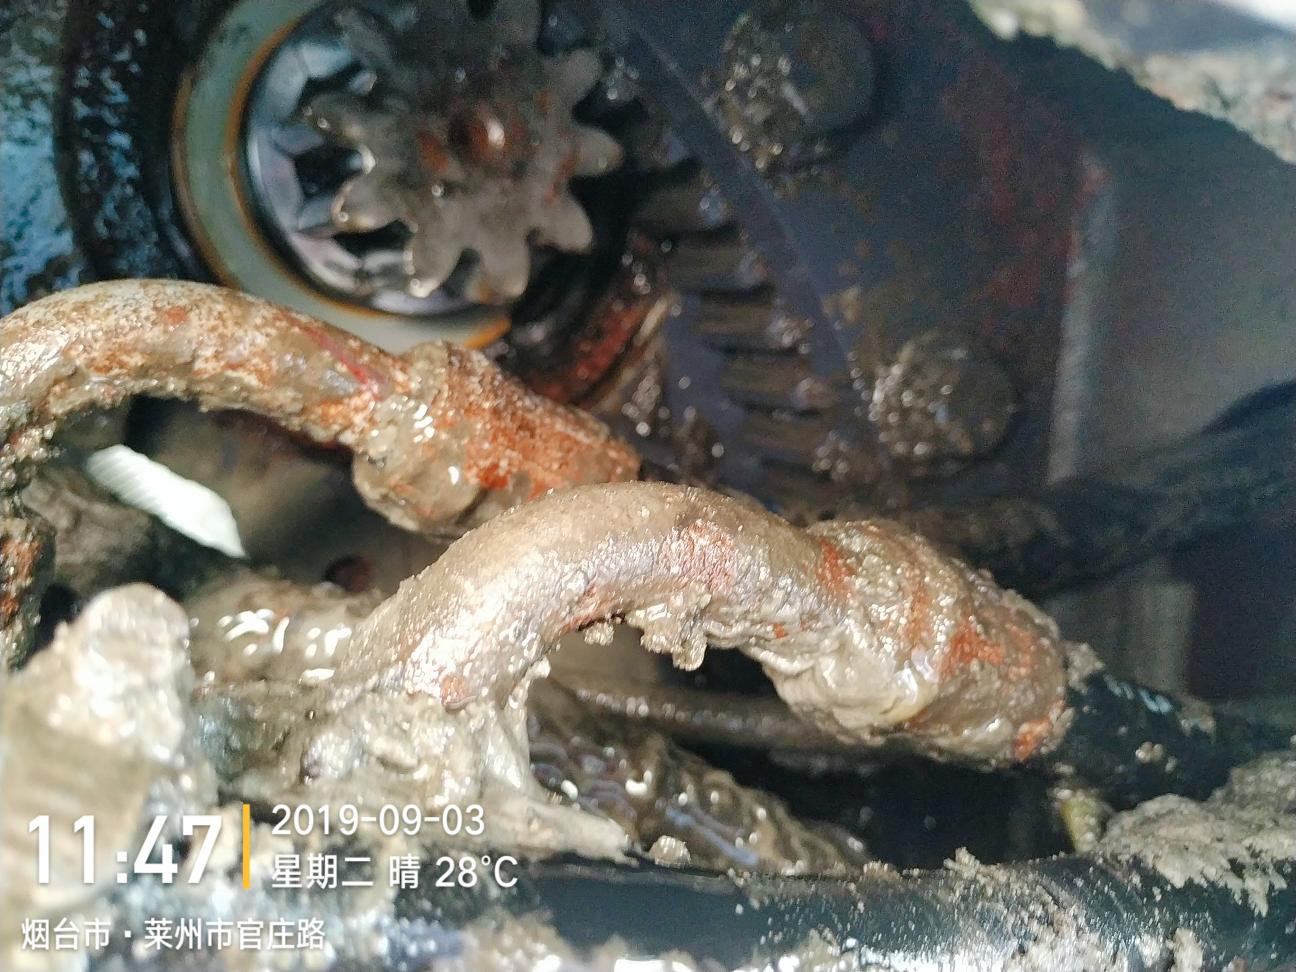 挖机回转轴承又坏了